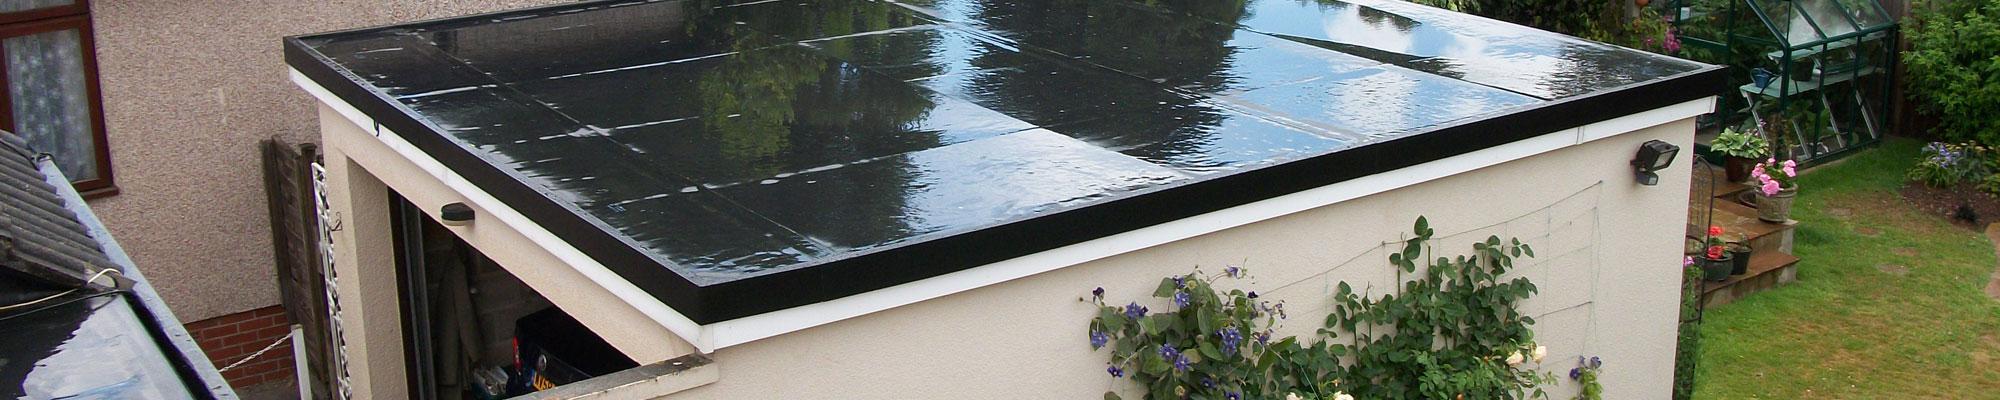 bath flat roof